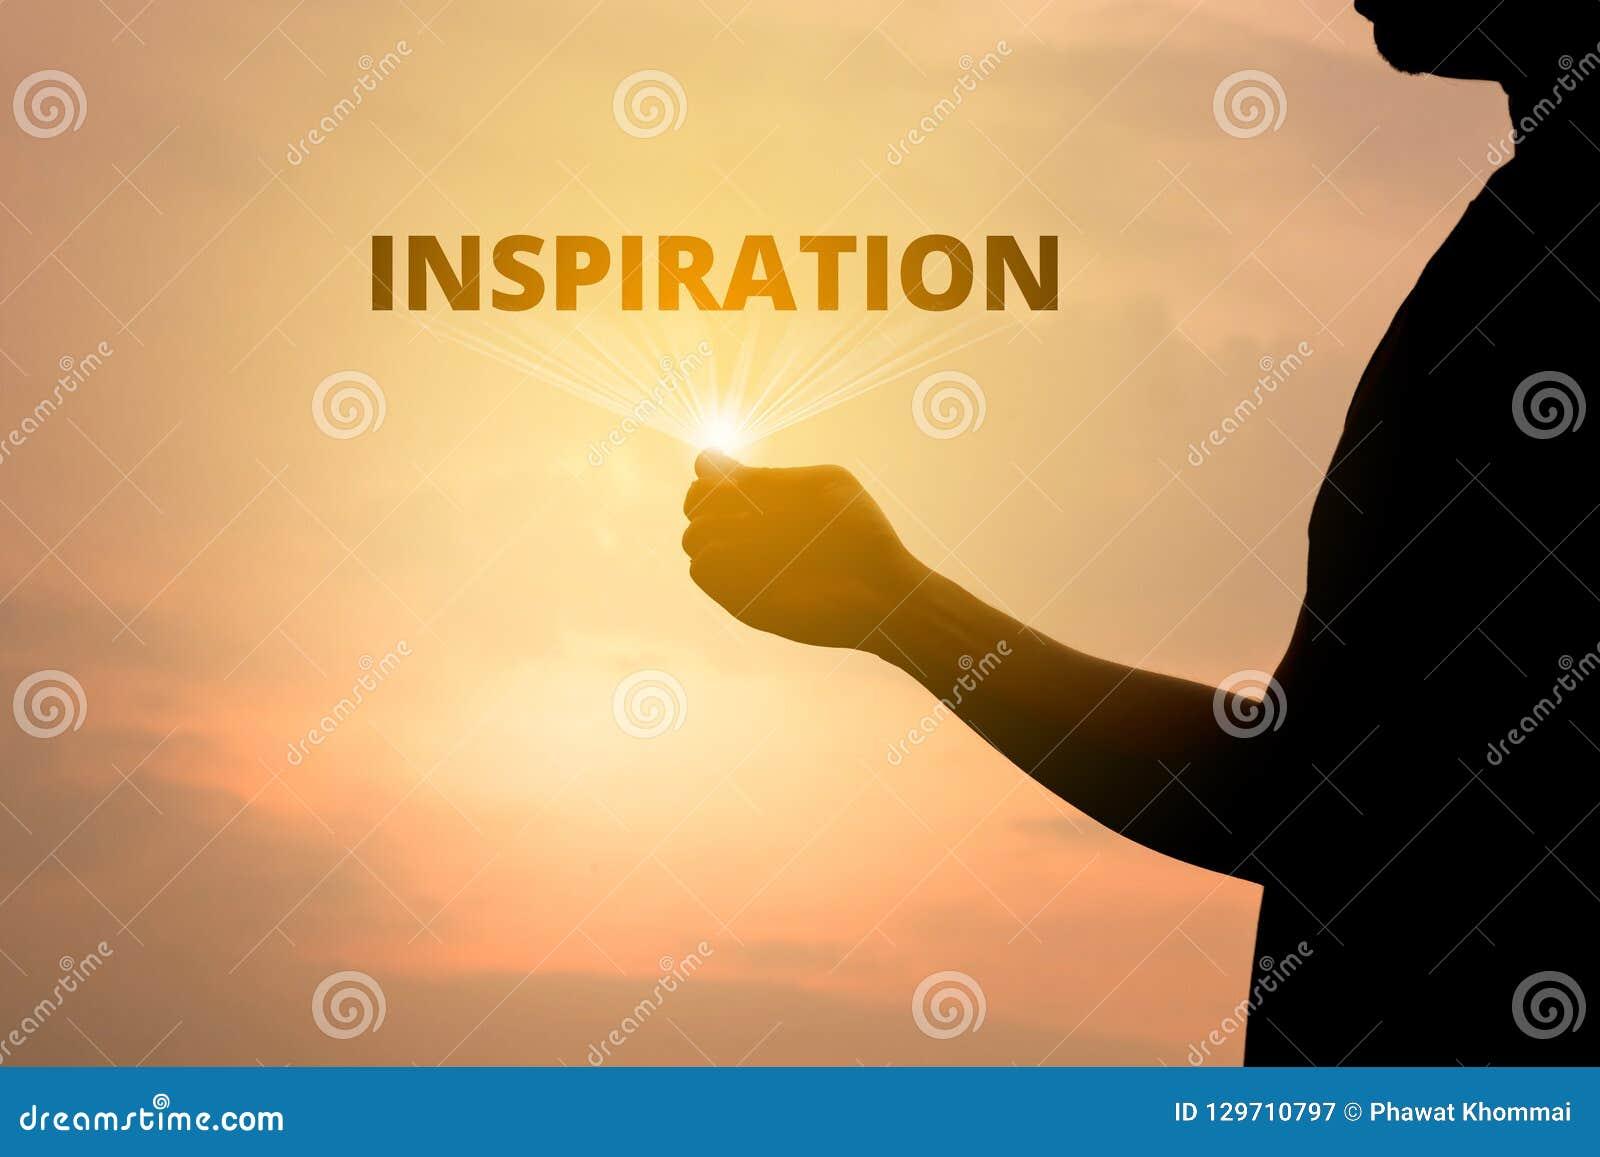 Mężczyzna sylwetki pojęcie otwiera promień inspiracja tekst